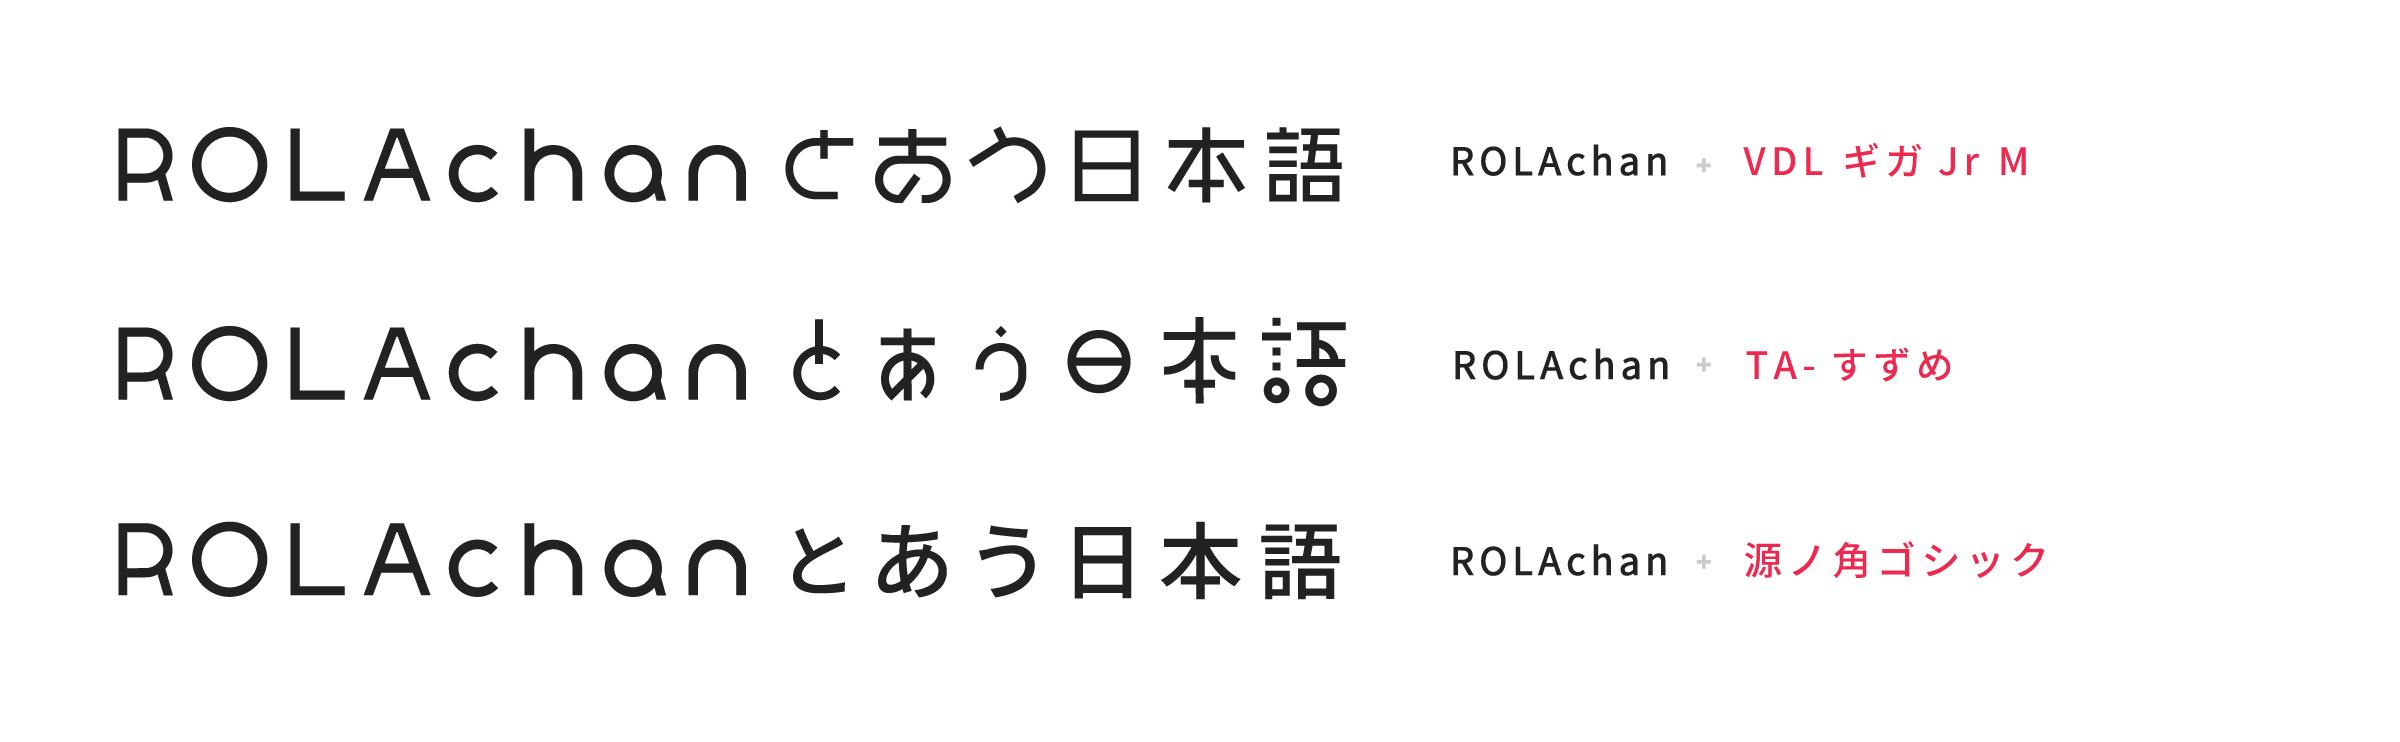 フリーフォントROLAchan(ローラちゃん)販売サイト。混色オススメフォント